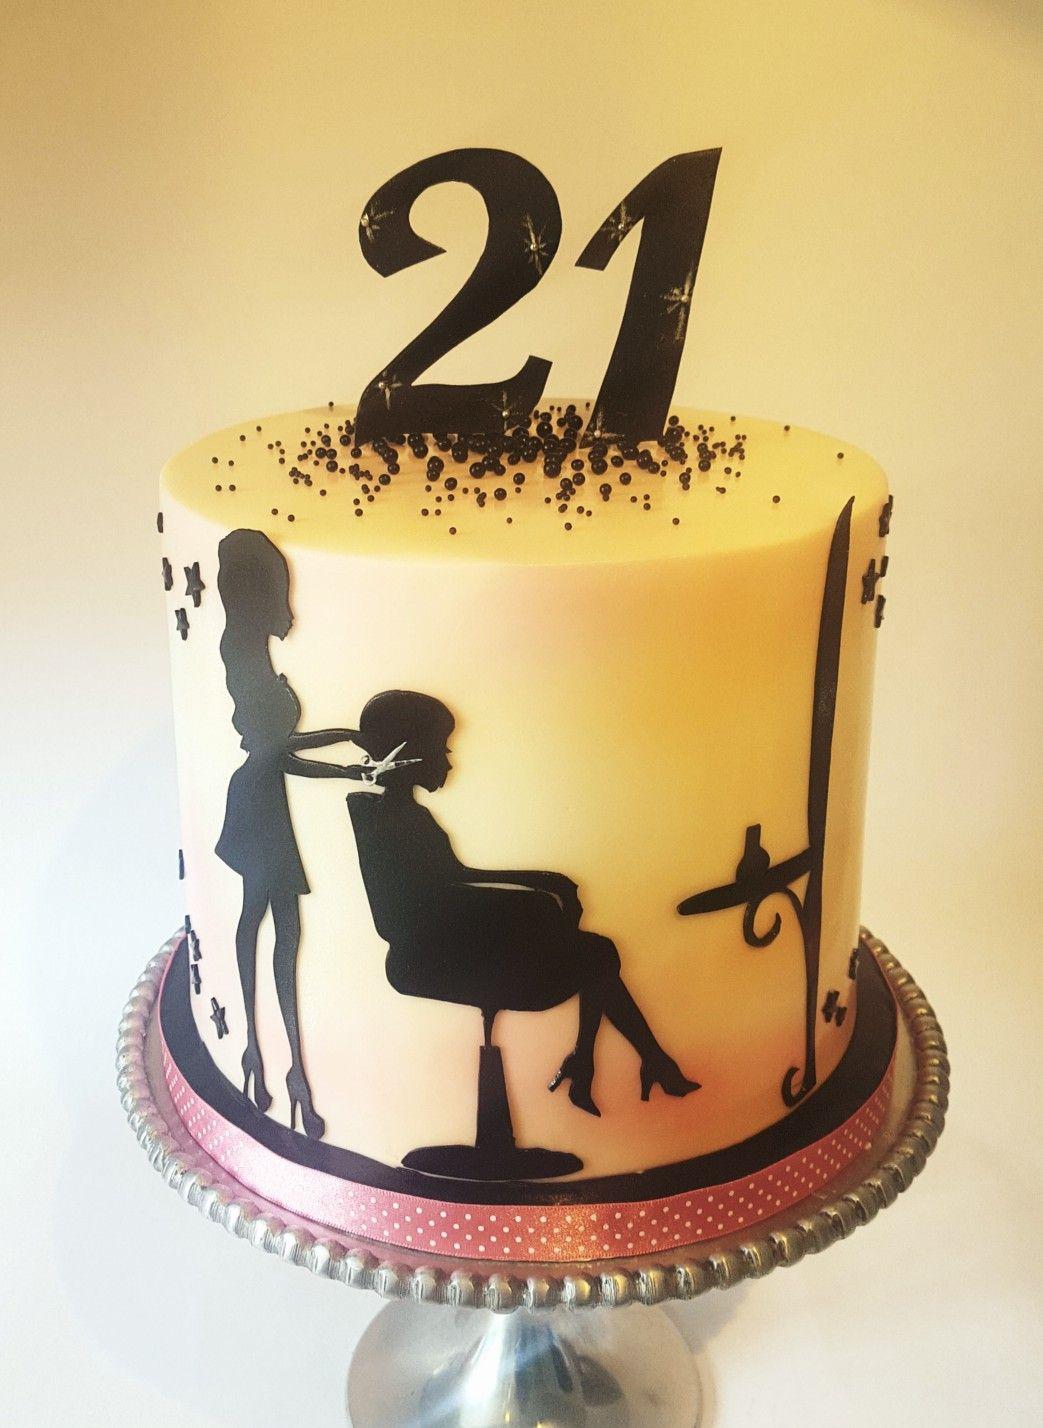 Hairdresser Cake Ideas 21st Birthday Cake Silhouette Cake Bracknell Cake Maker Sweet Mischief Cake Hairdresser Cake Beach Birthday Cake Silhouette Cake